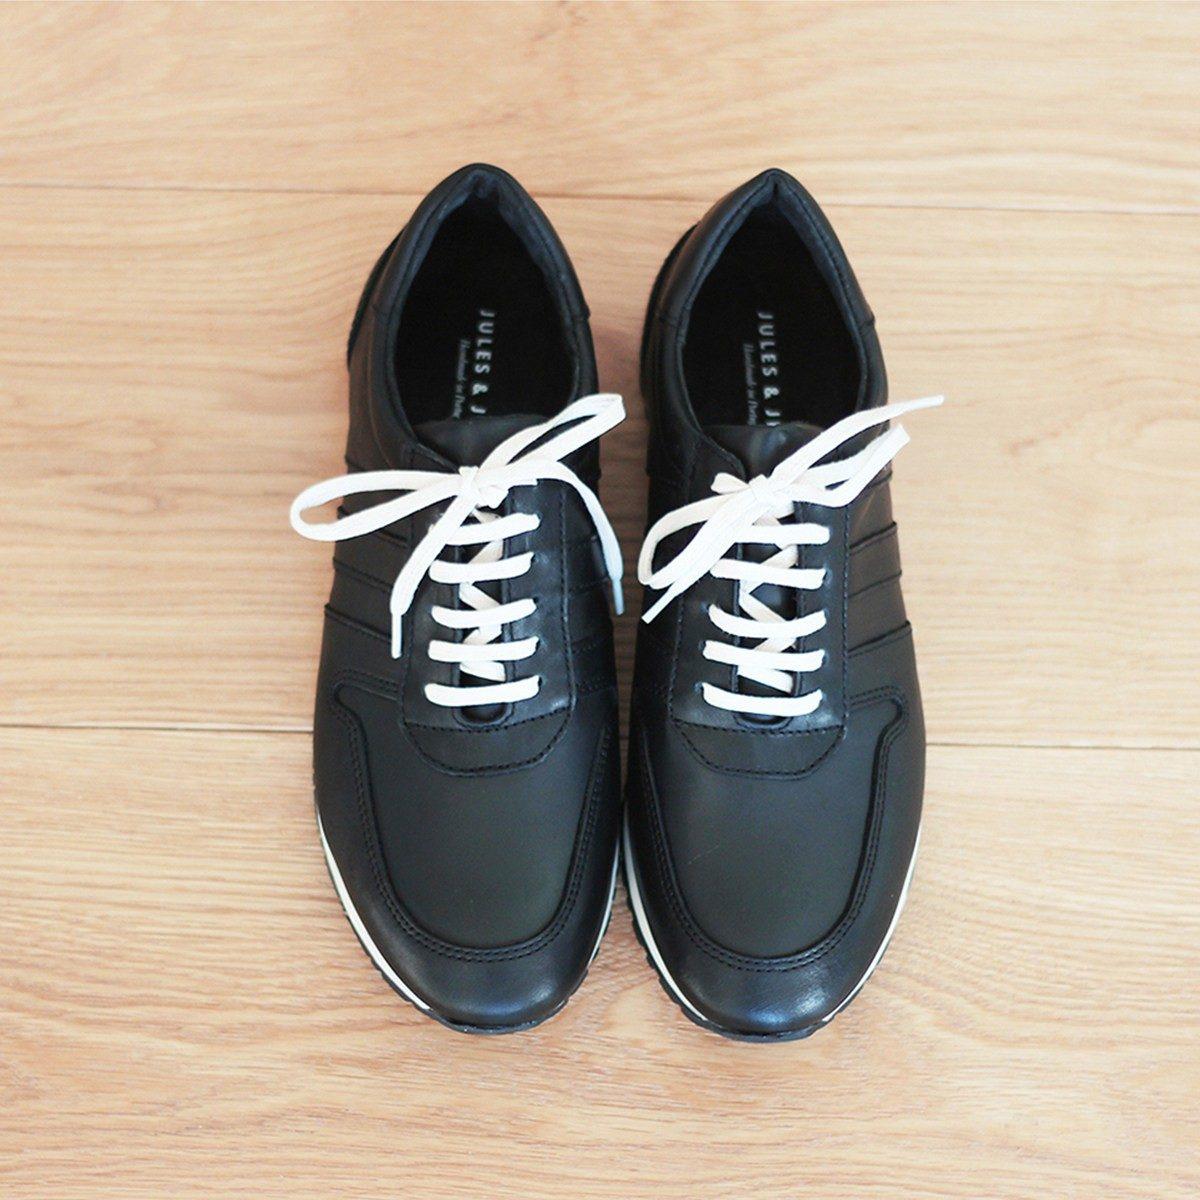 JULES & JENN - sneakers - cuir - noir